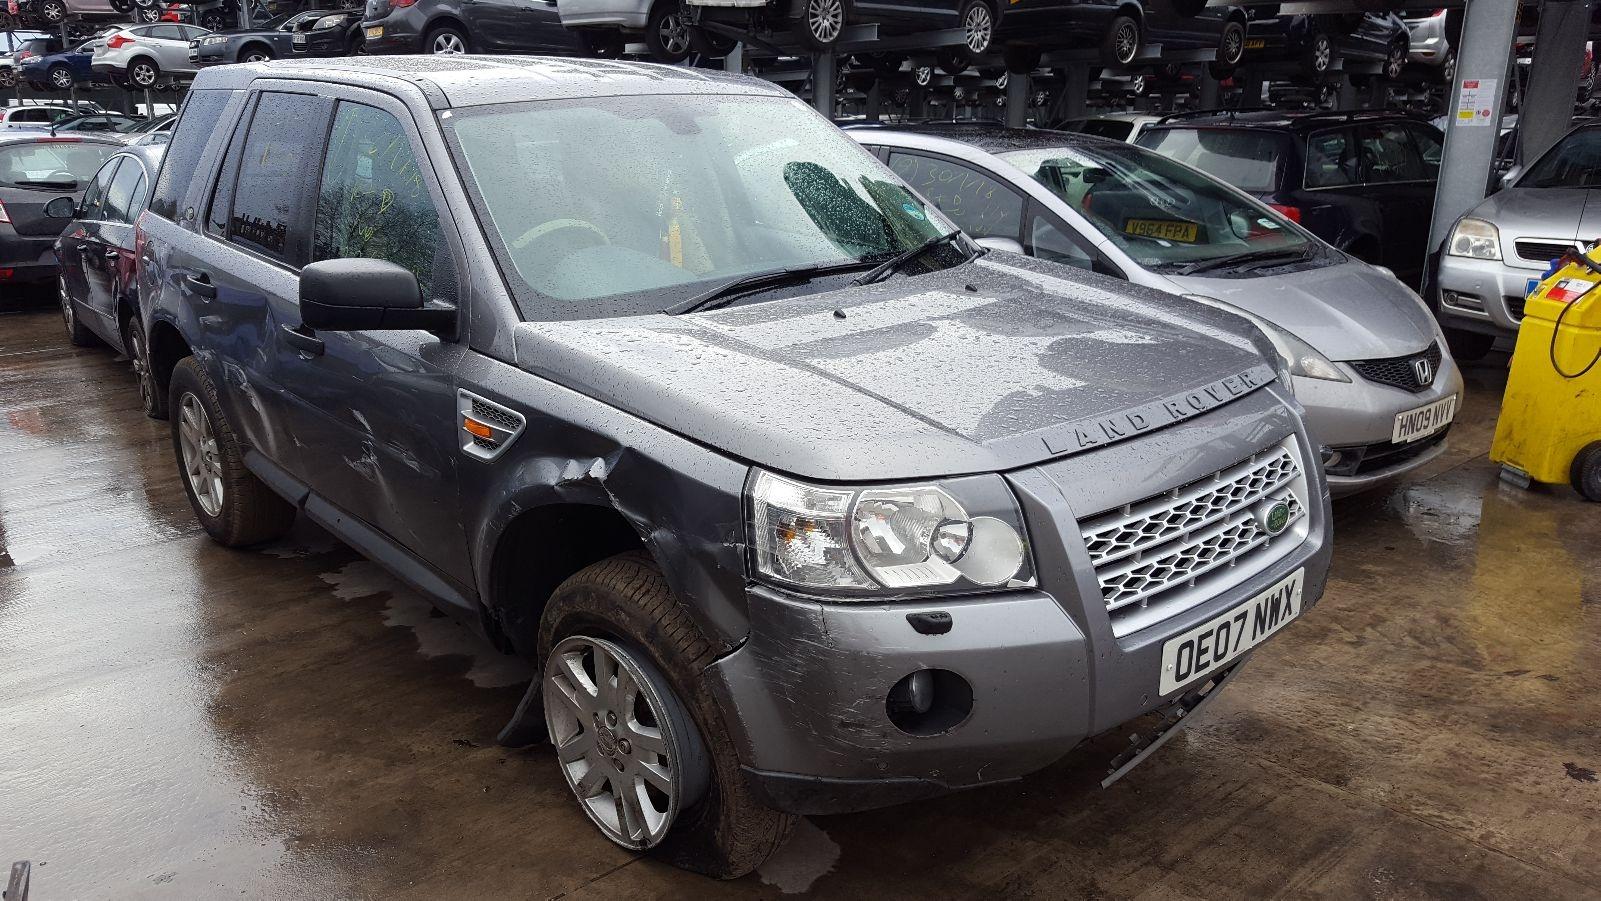 Image for a 2007 Land Rover Freelander 2.2 Diesel 224DT (QJB2) Engine